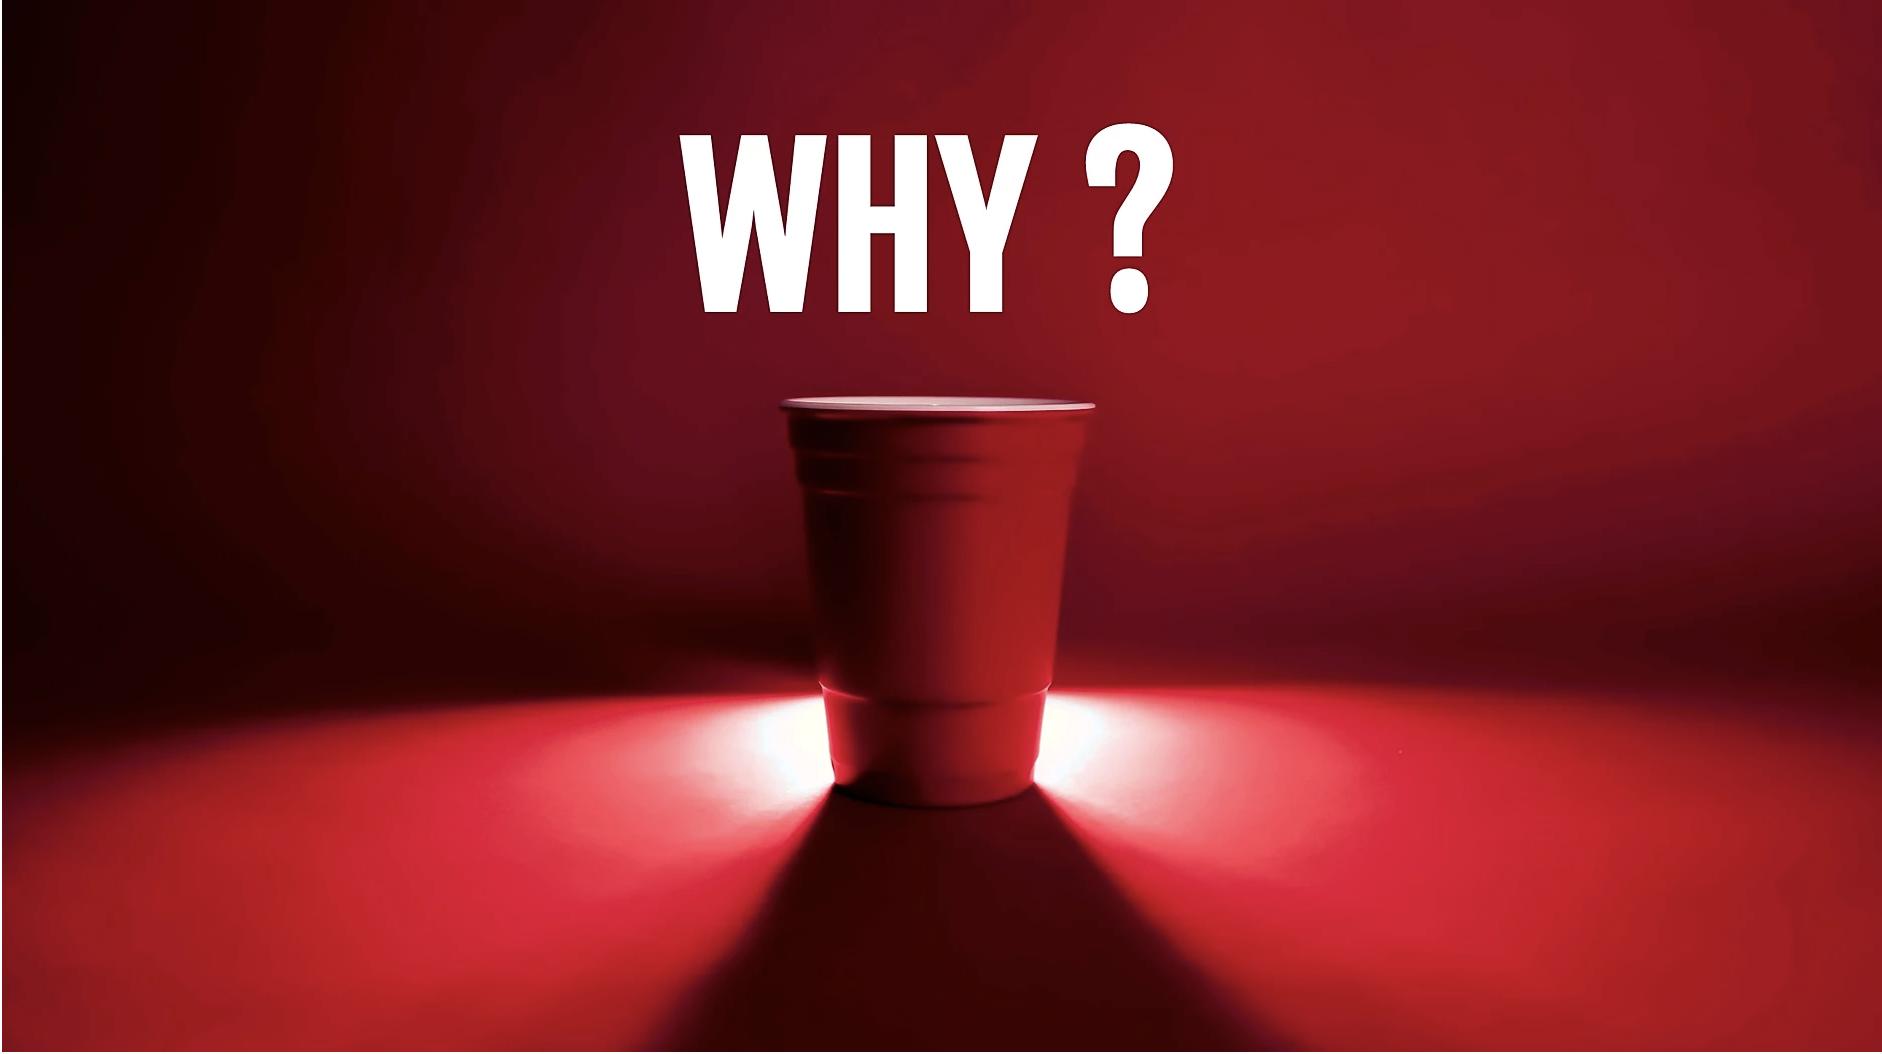 ทำไมต้องเรดคัพ? | Why Red Cup?